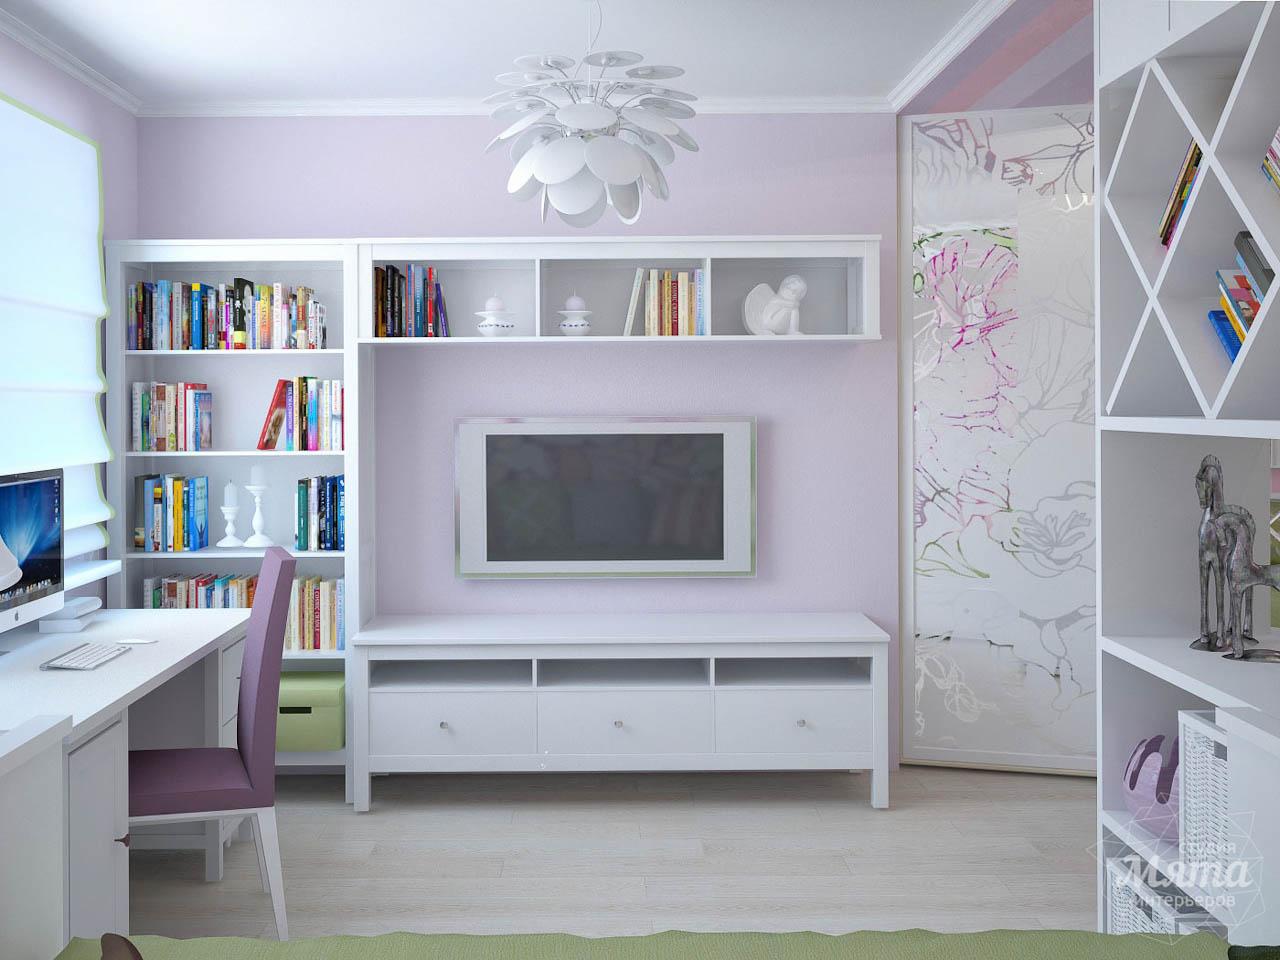 Дизайн интерьера и ремонт трехкомнатной квартиры по ул. Фучика 9 img496175833